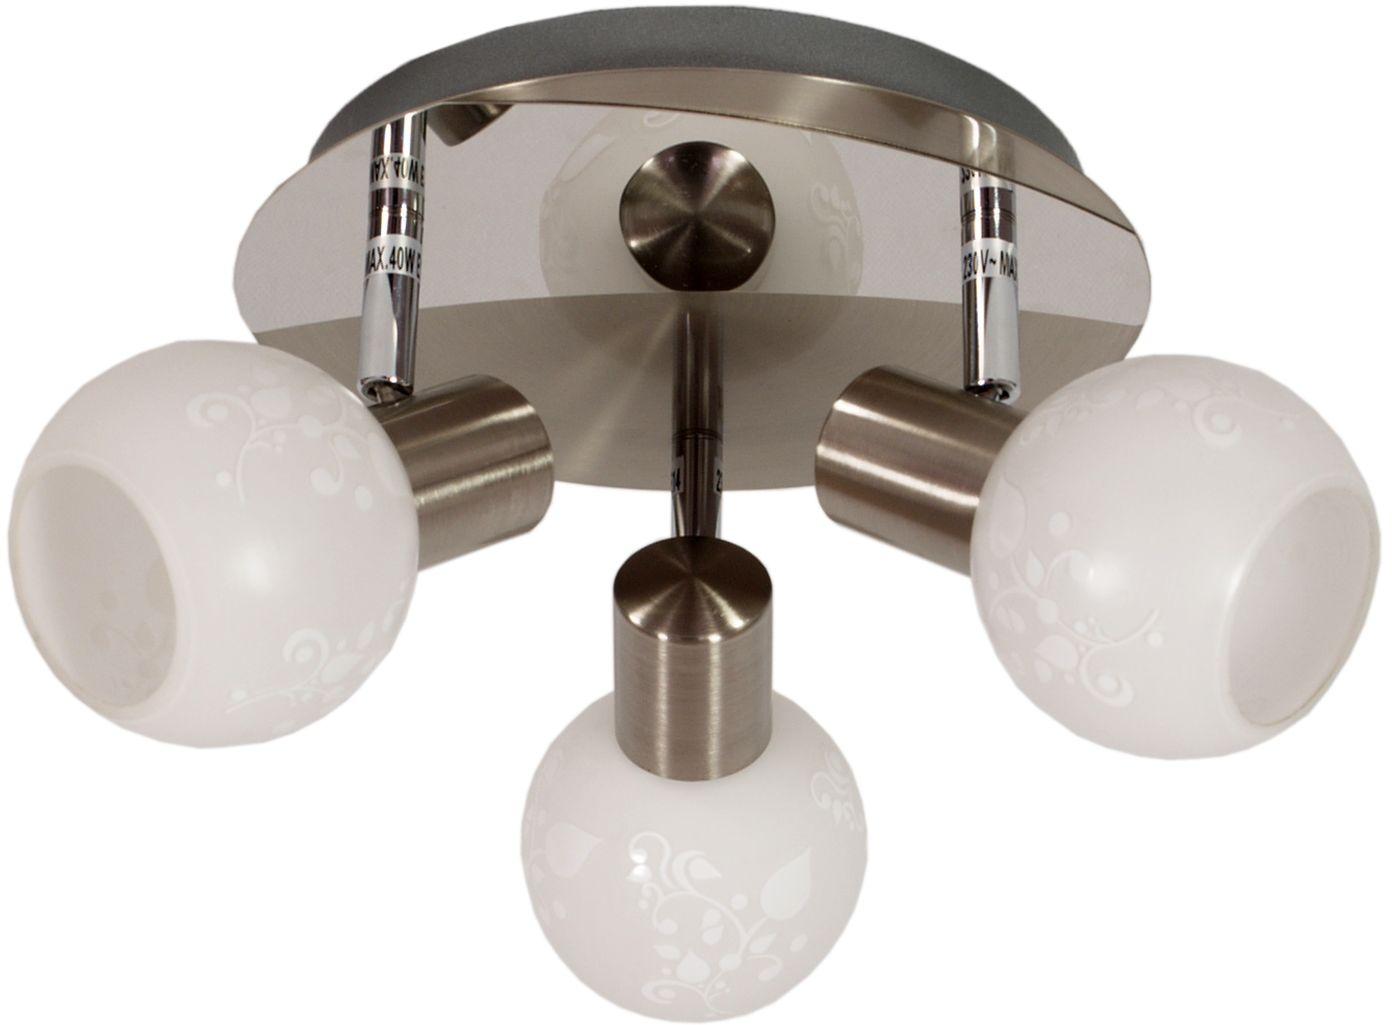 Candellux AVILA 98-10070 plafon lampa sufitowa satyna nikiel szklany klosz 3X40W E14 36cm